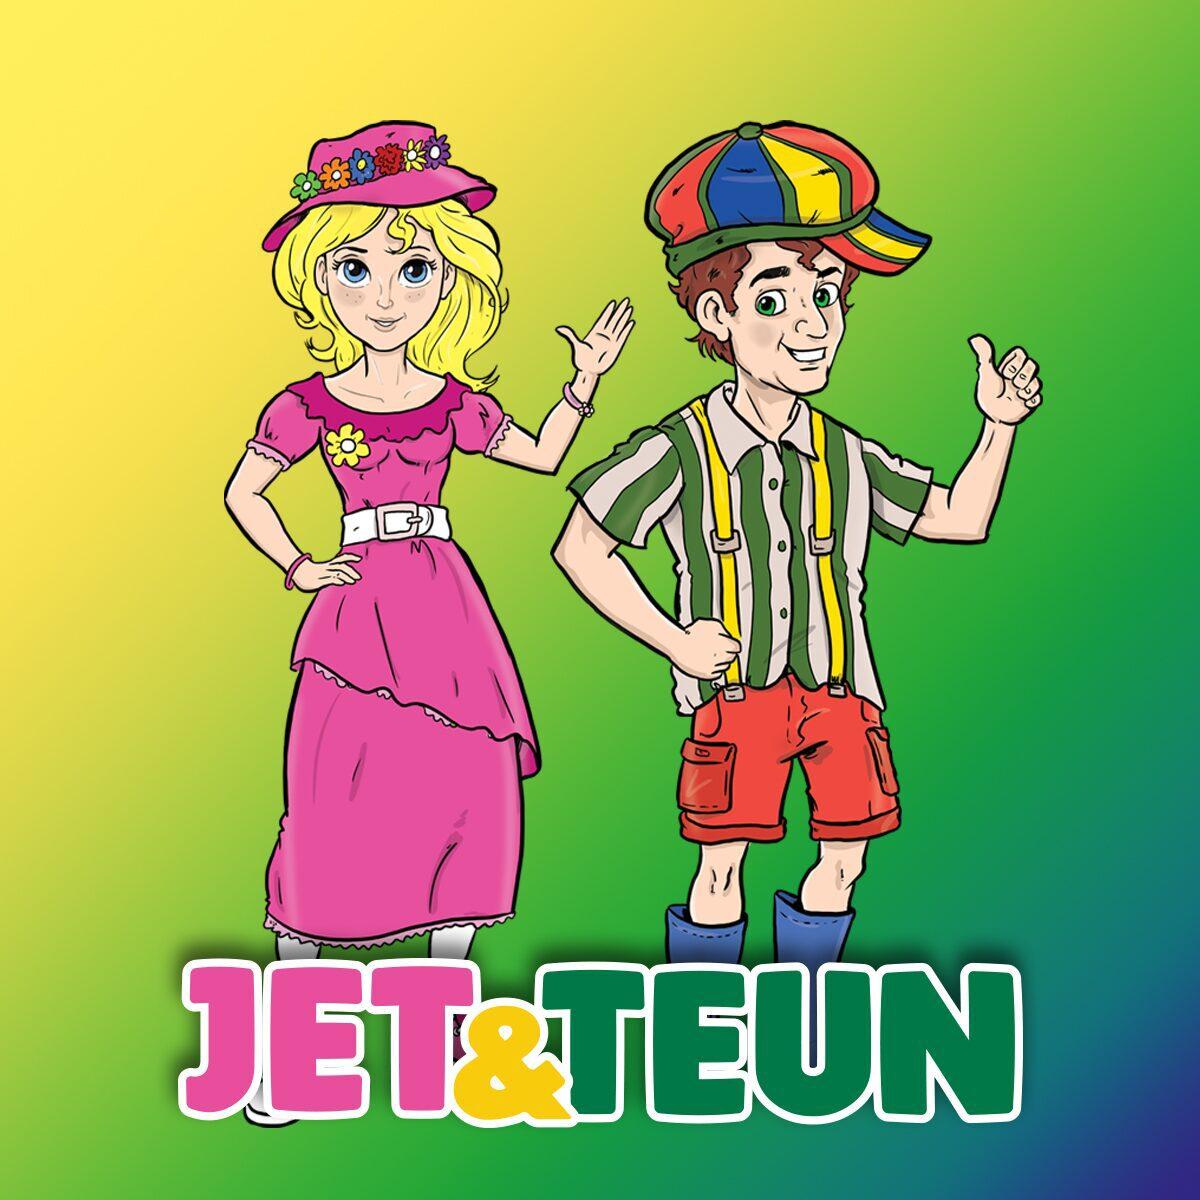 Jet en Teun